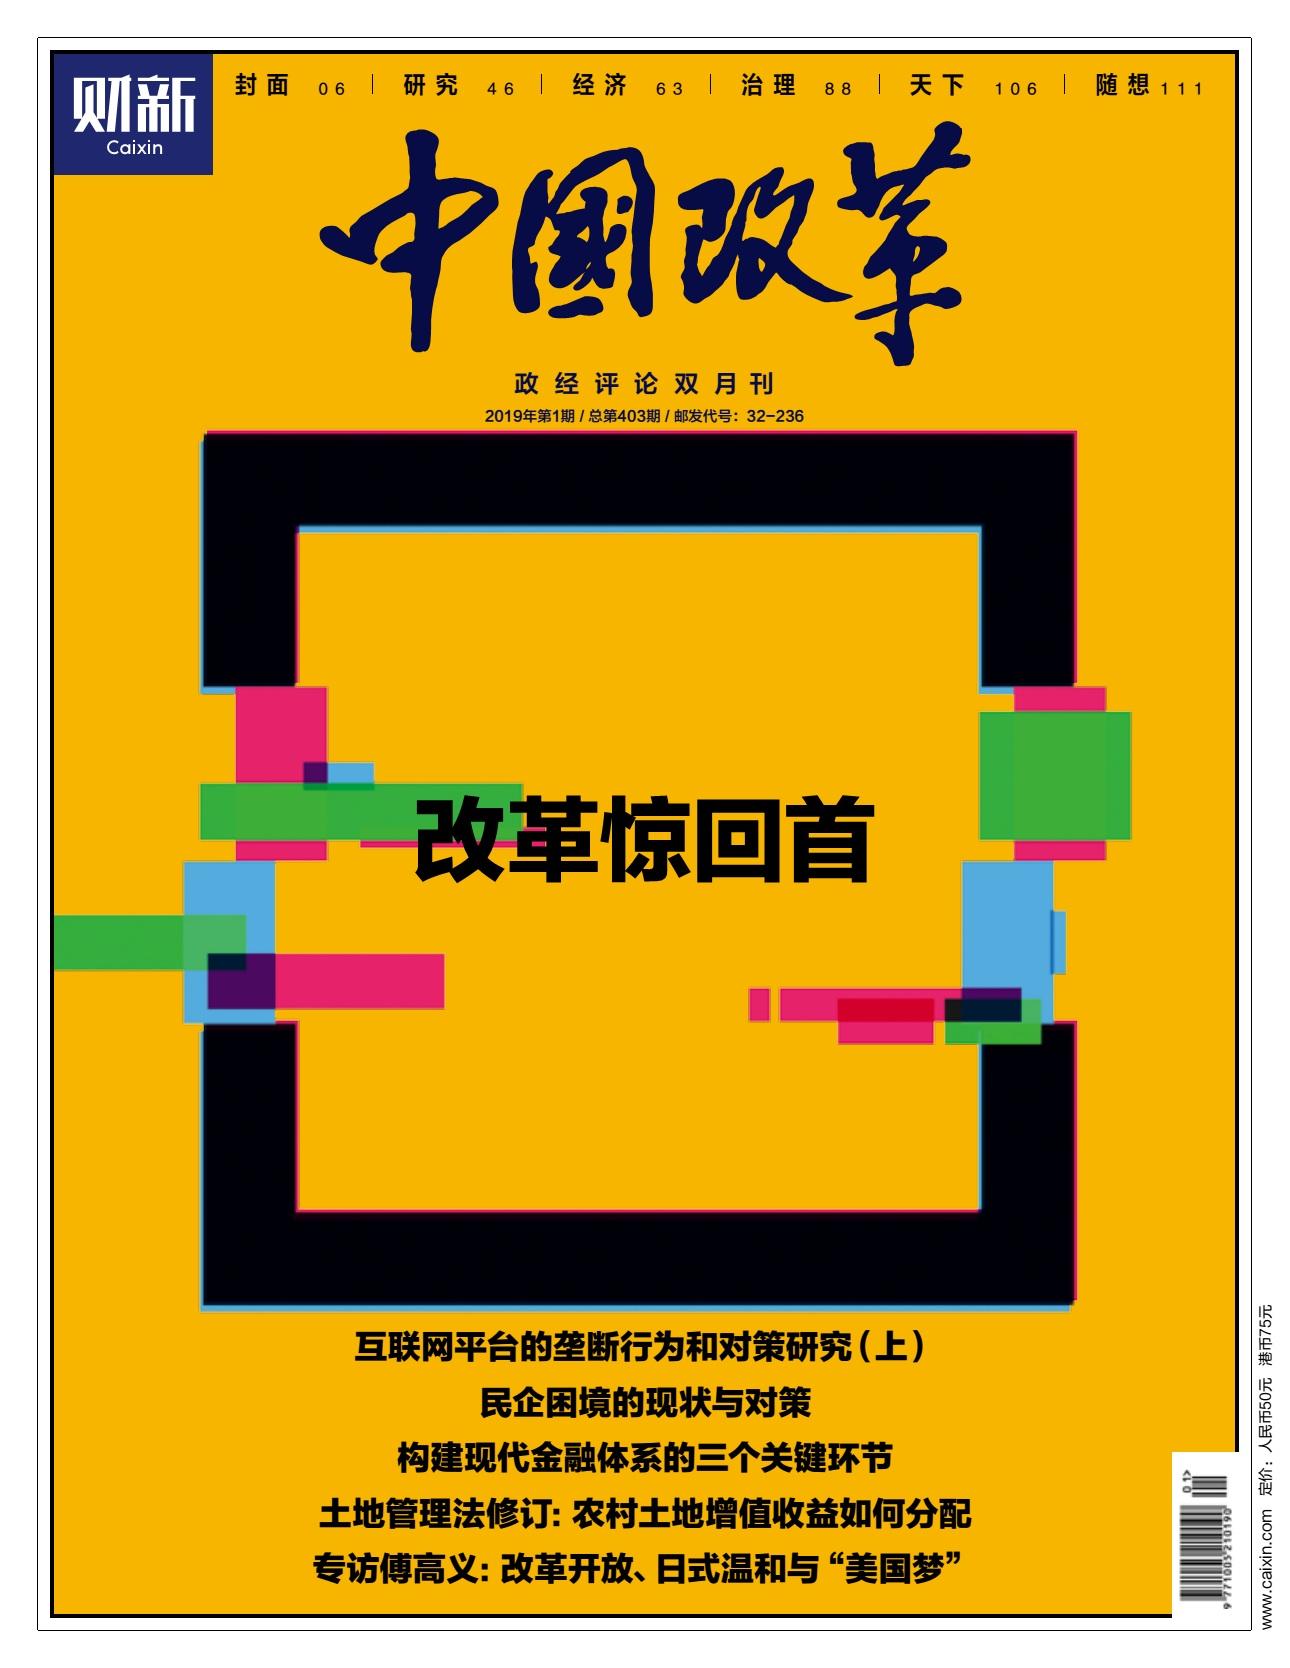 《中国改革》第403期